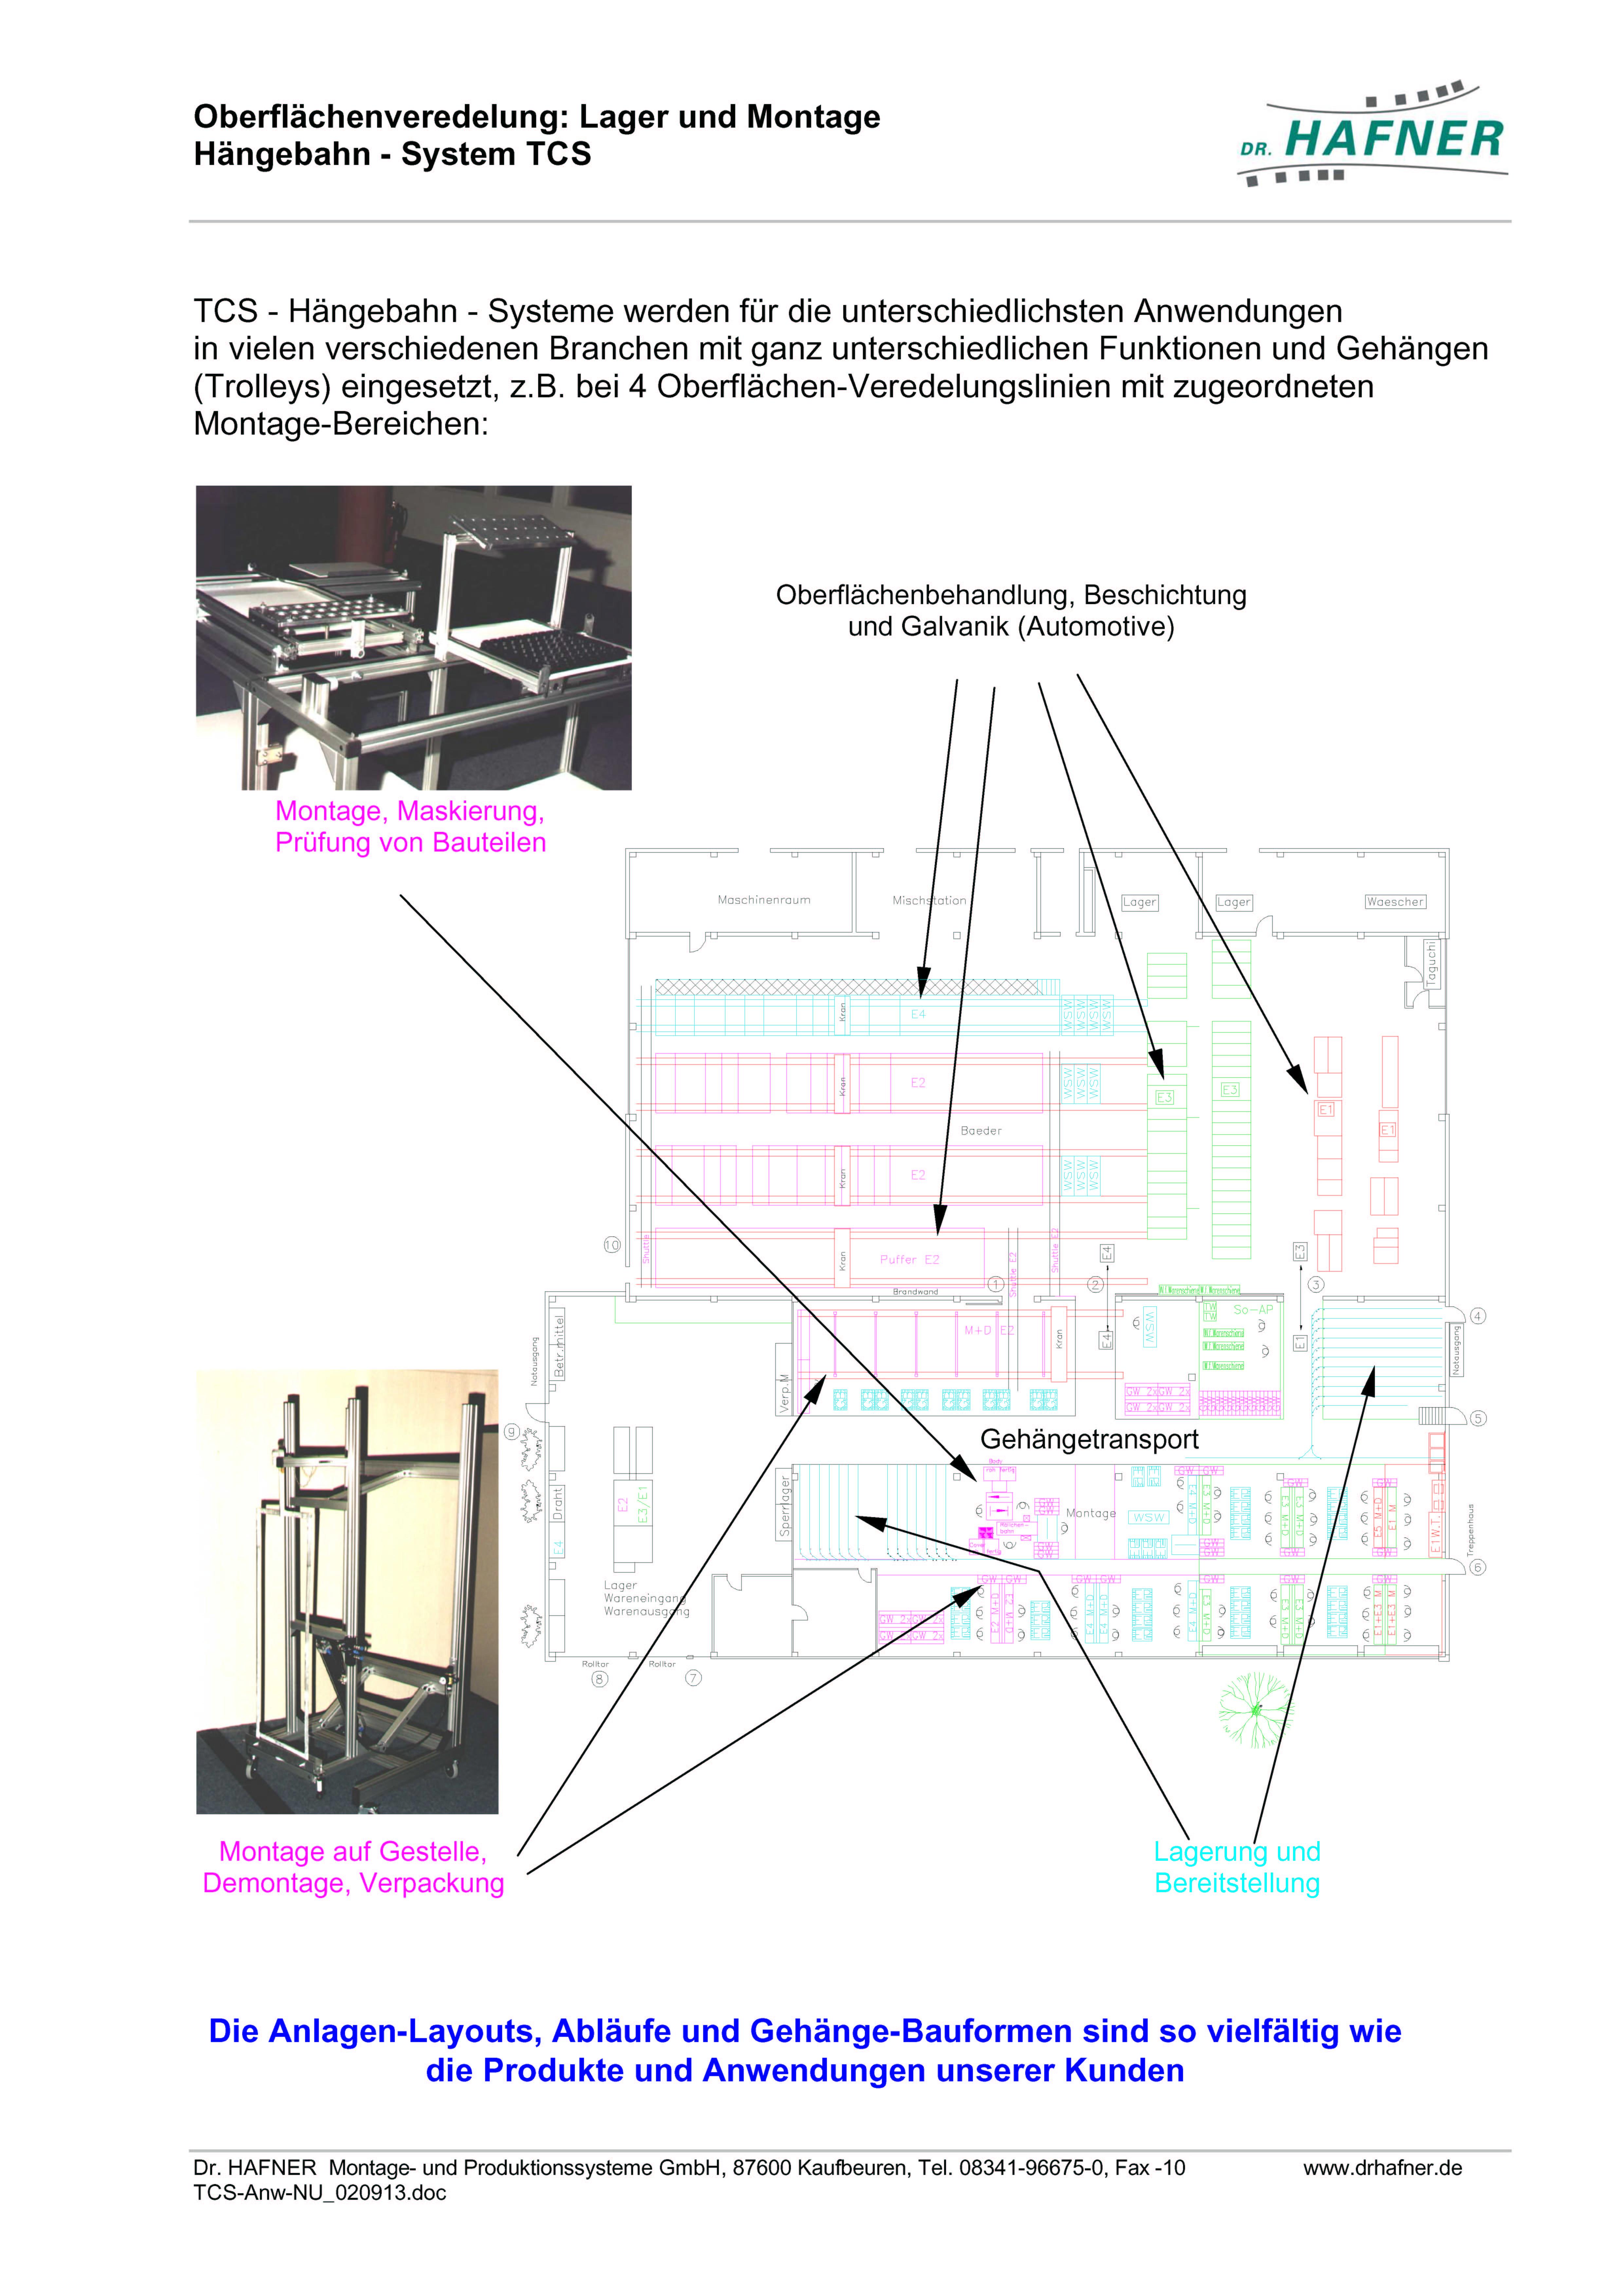 Dr. HAFNER_PKWP_43 Oberflächenveredelung Lager Montage Hängebahn